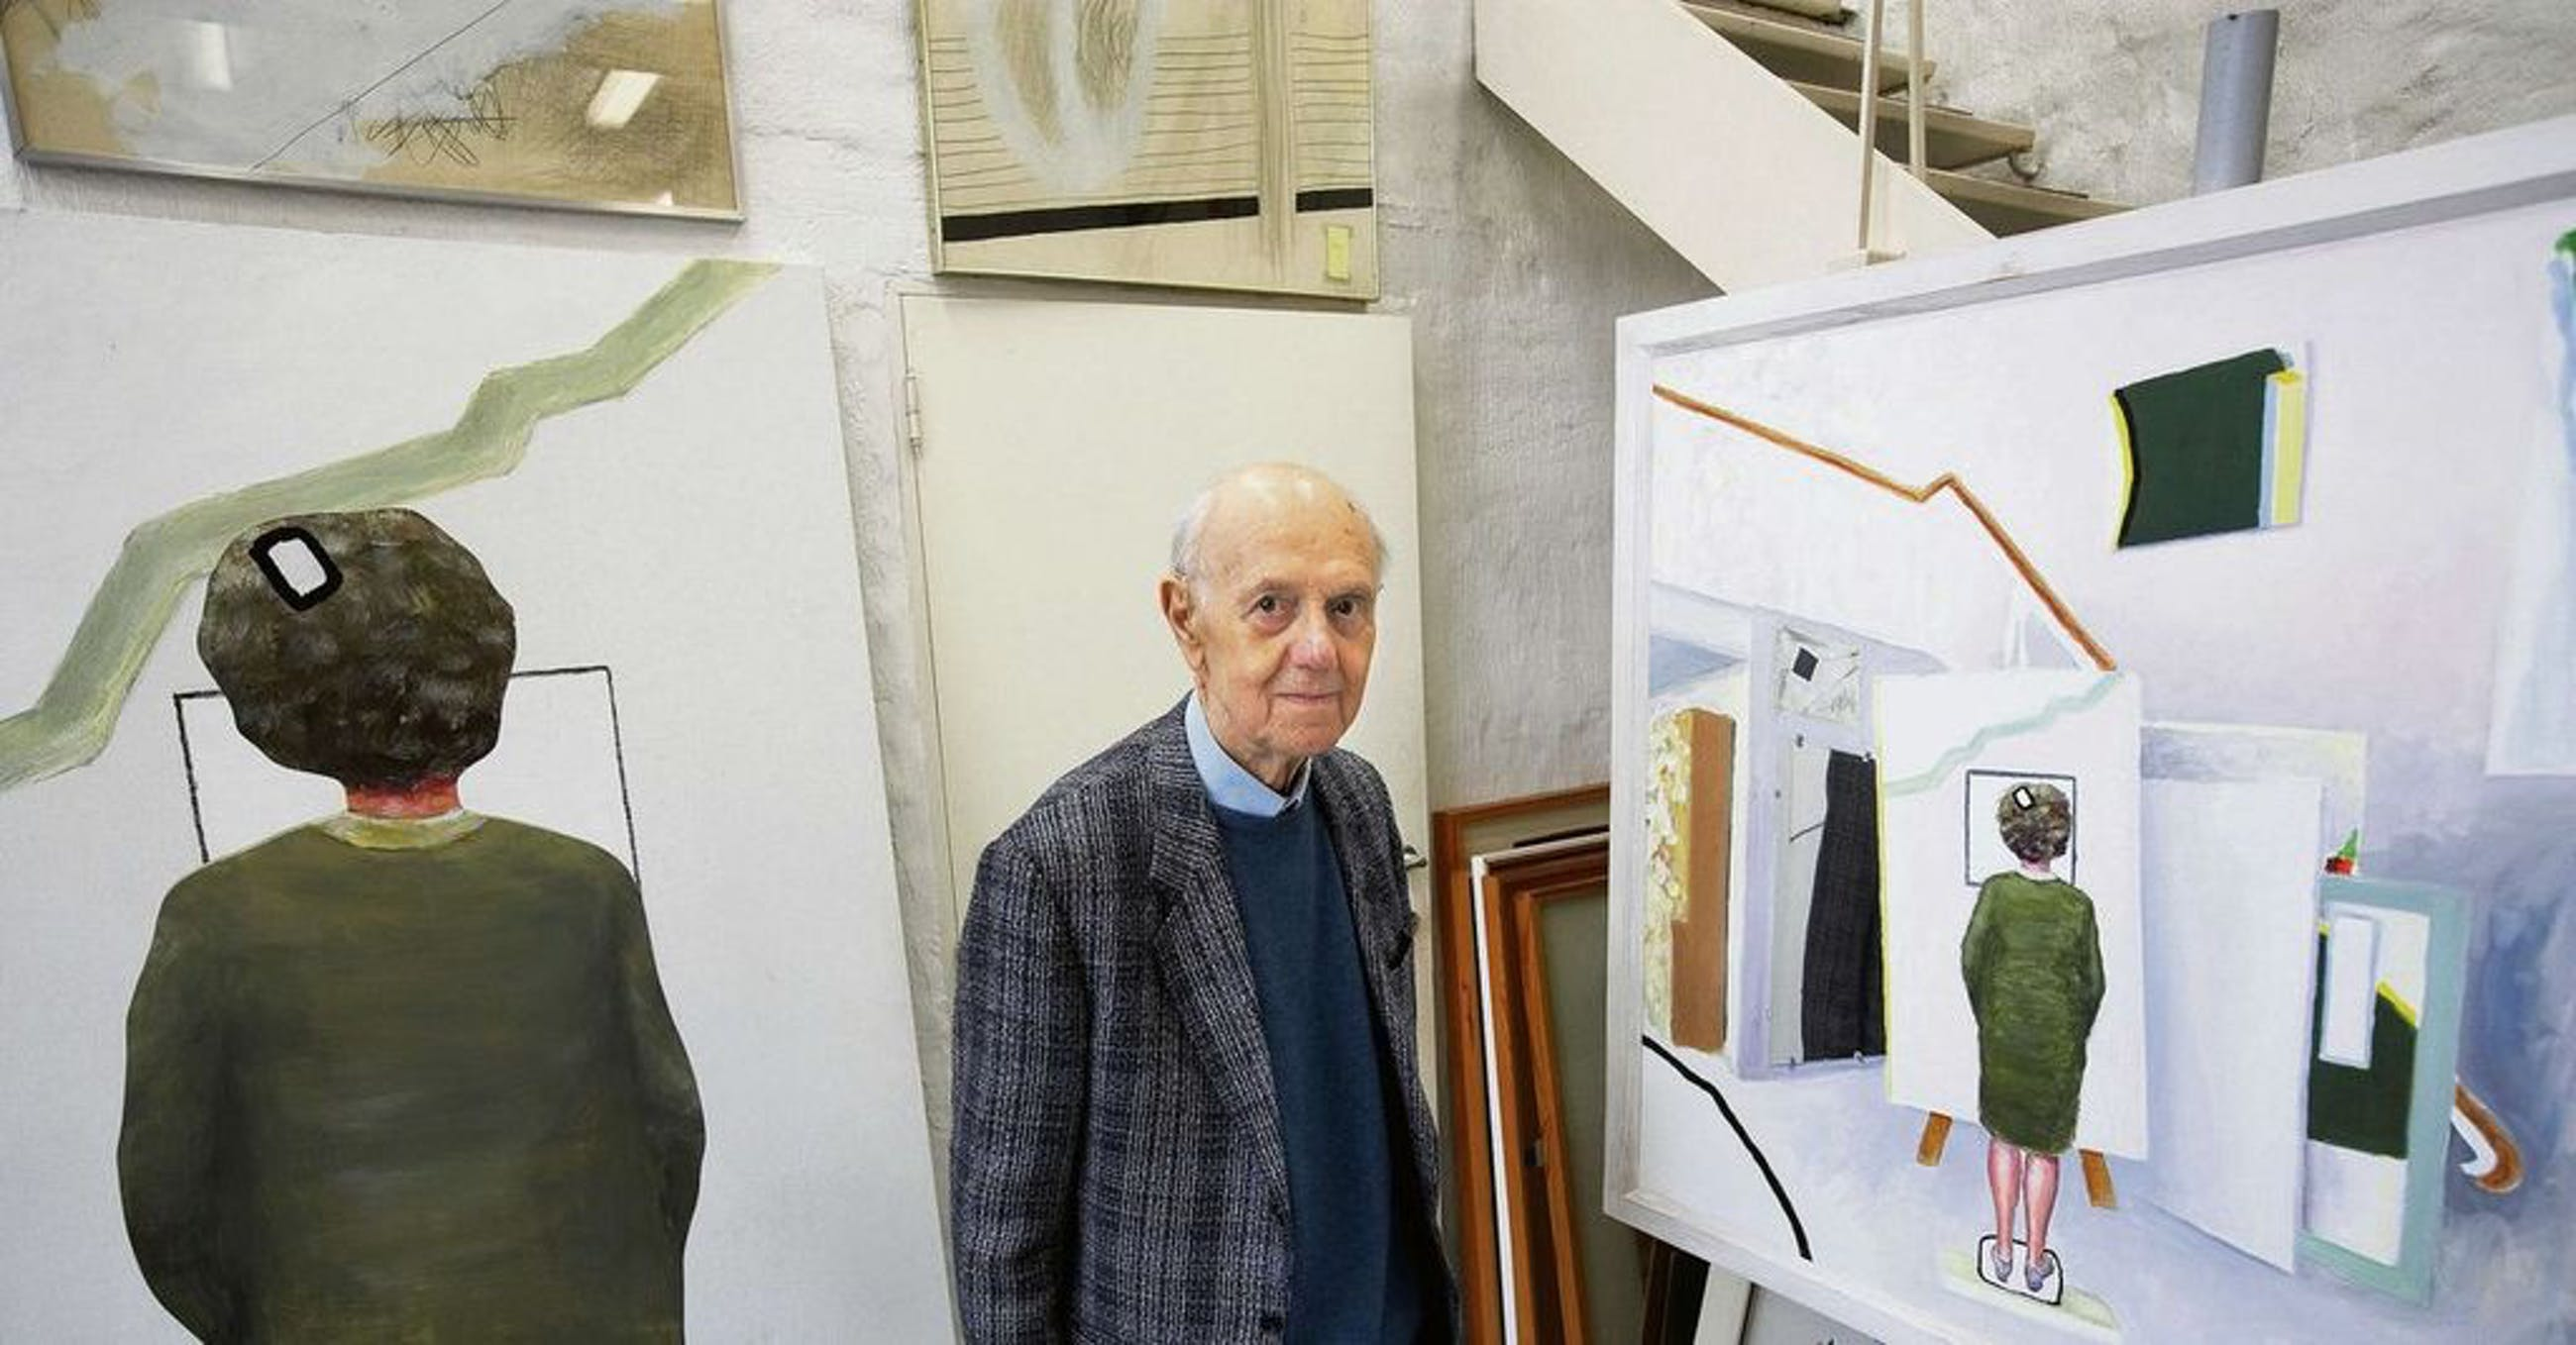 Roger Raveel - Giotto, aquatint ets (prachtig ingelijst) kopen? Bied vanaf 500!